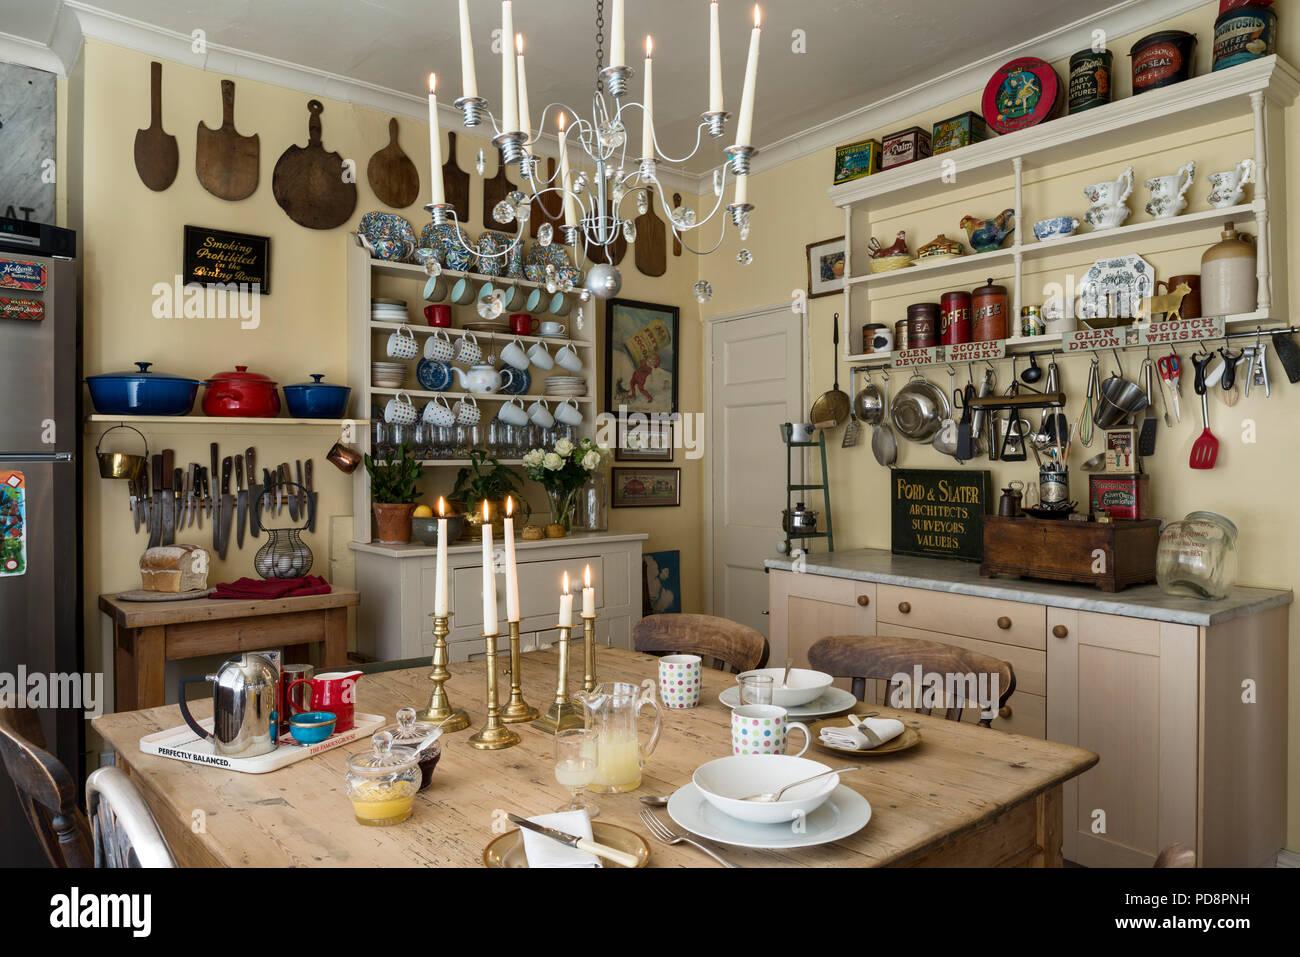 Gemütliche und rustikale Gefühl Küche mit Ikea Kronleuchter ...